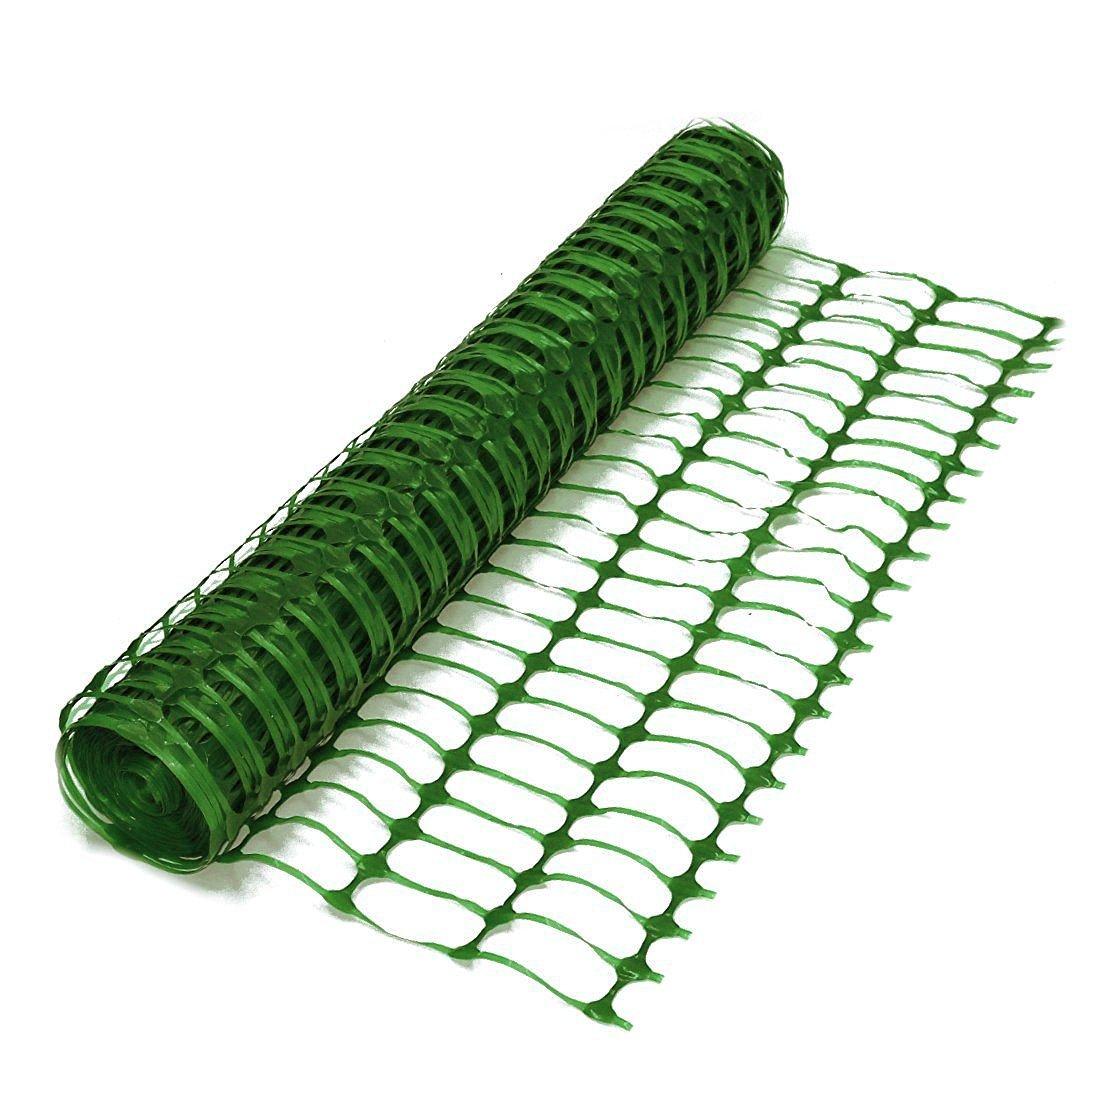 Oypla SafeNet Heavy Duty Green Safety Barrier Mesh Fencing 1mtr x 50mtr